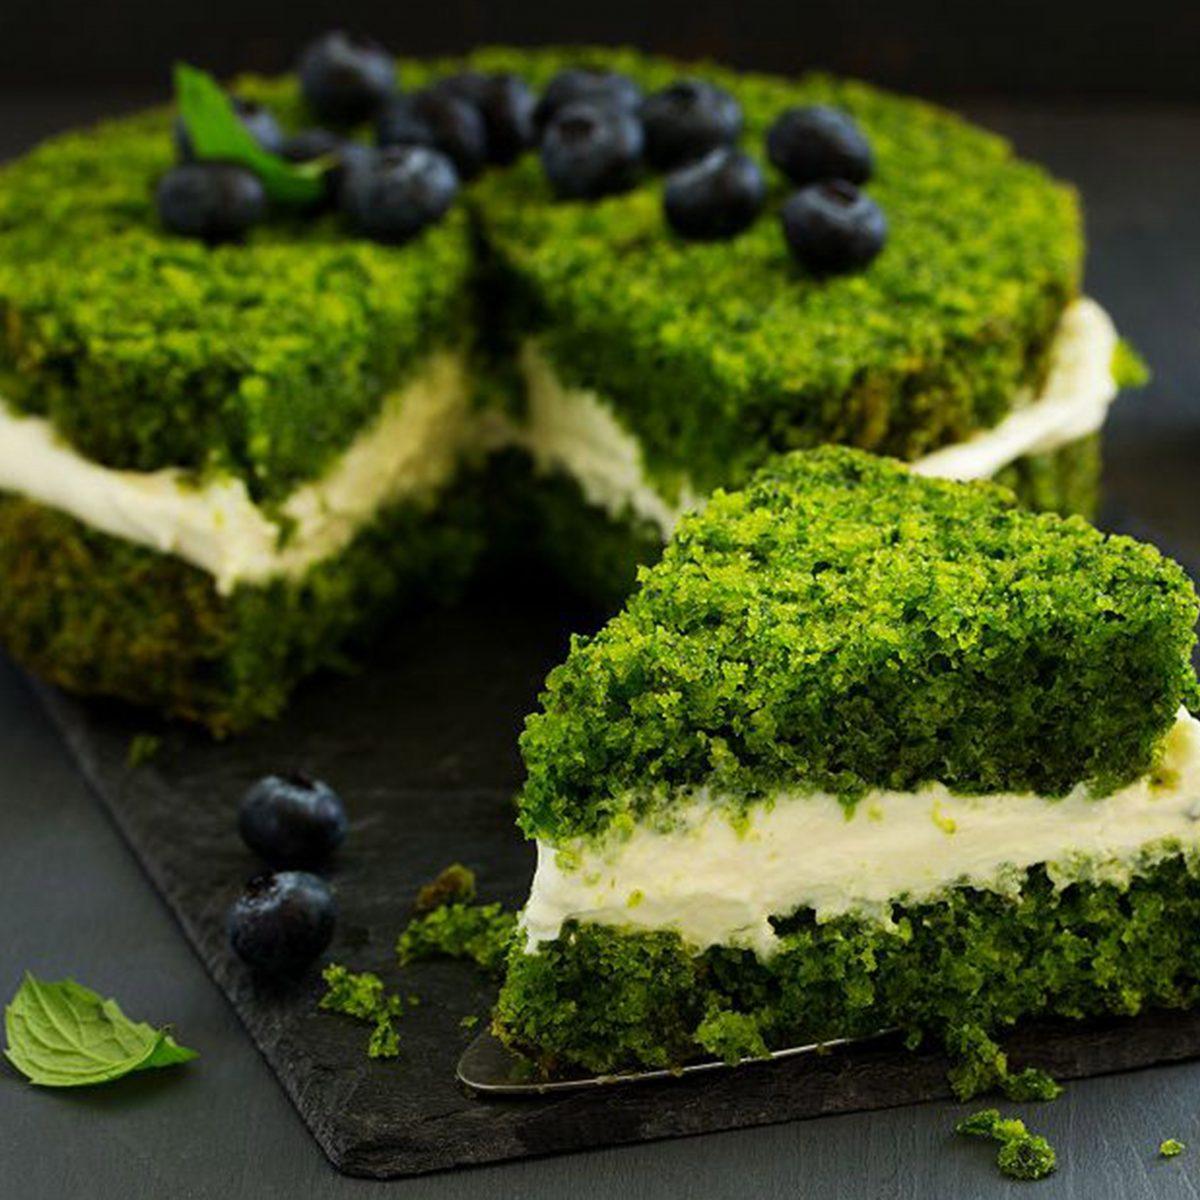 Ispanaklı Pasta Tarifi ile Gebeyken Gelen Tatlı Krizlerine Sağlıklı Çözüm